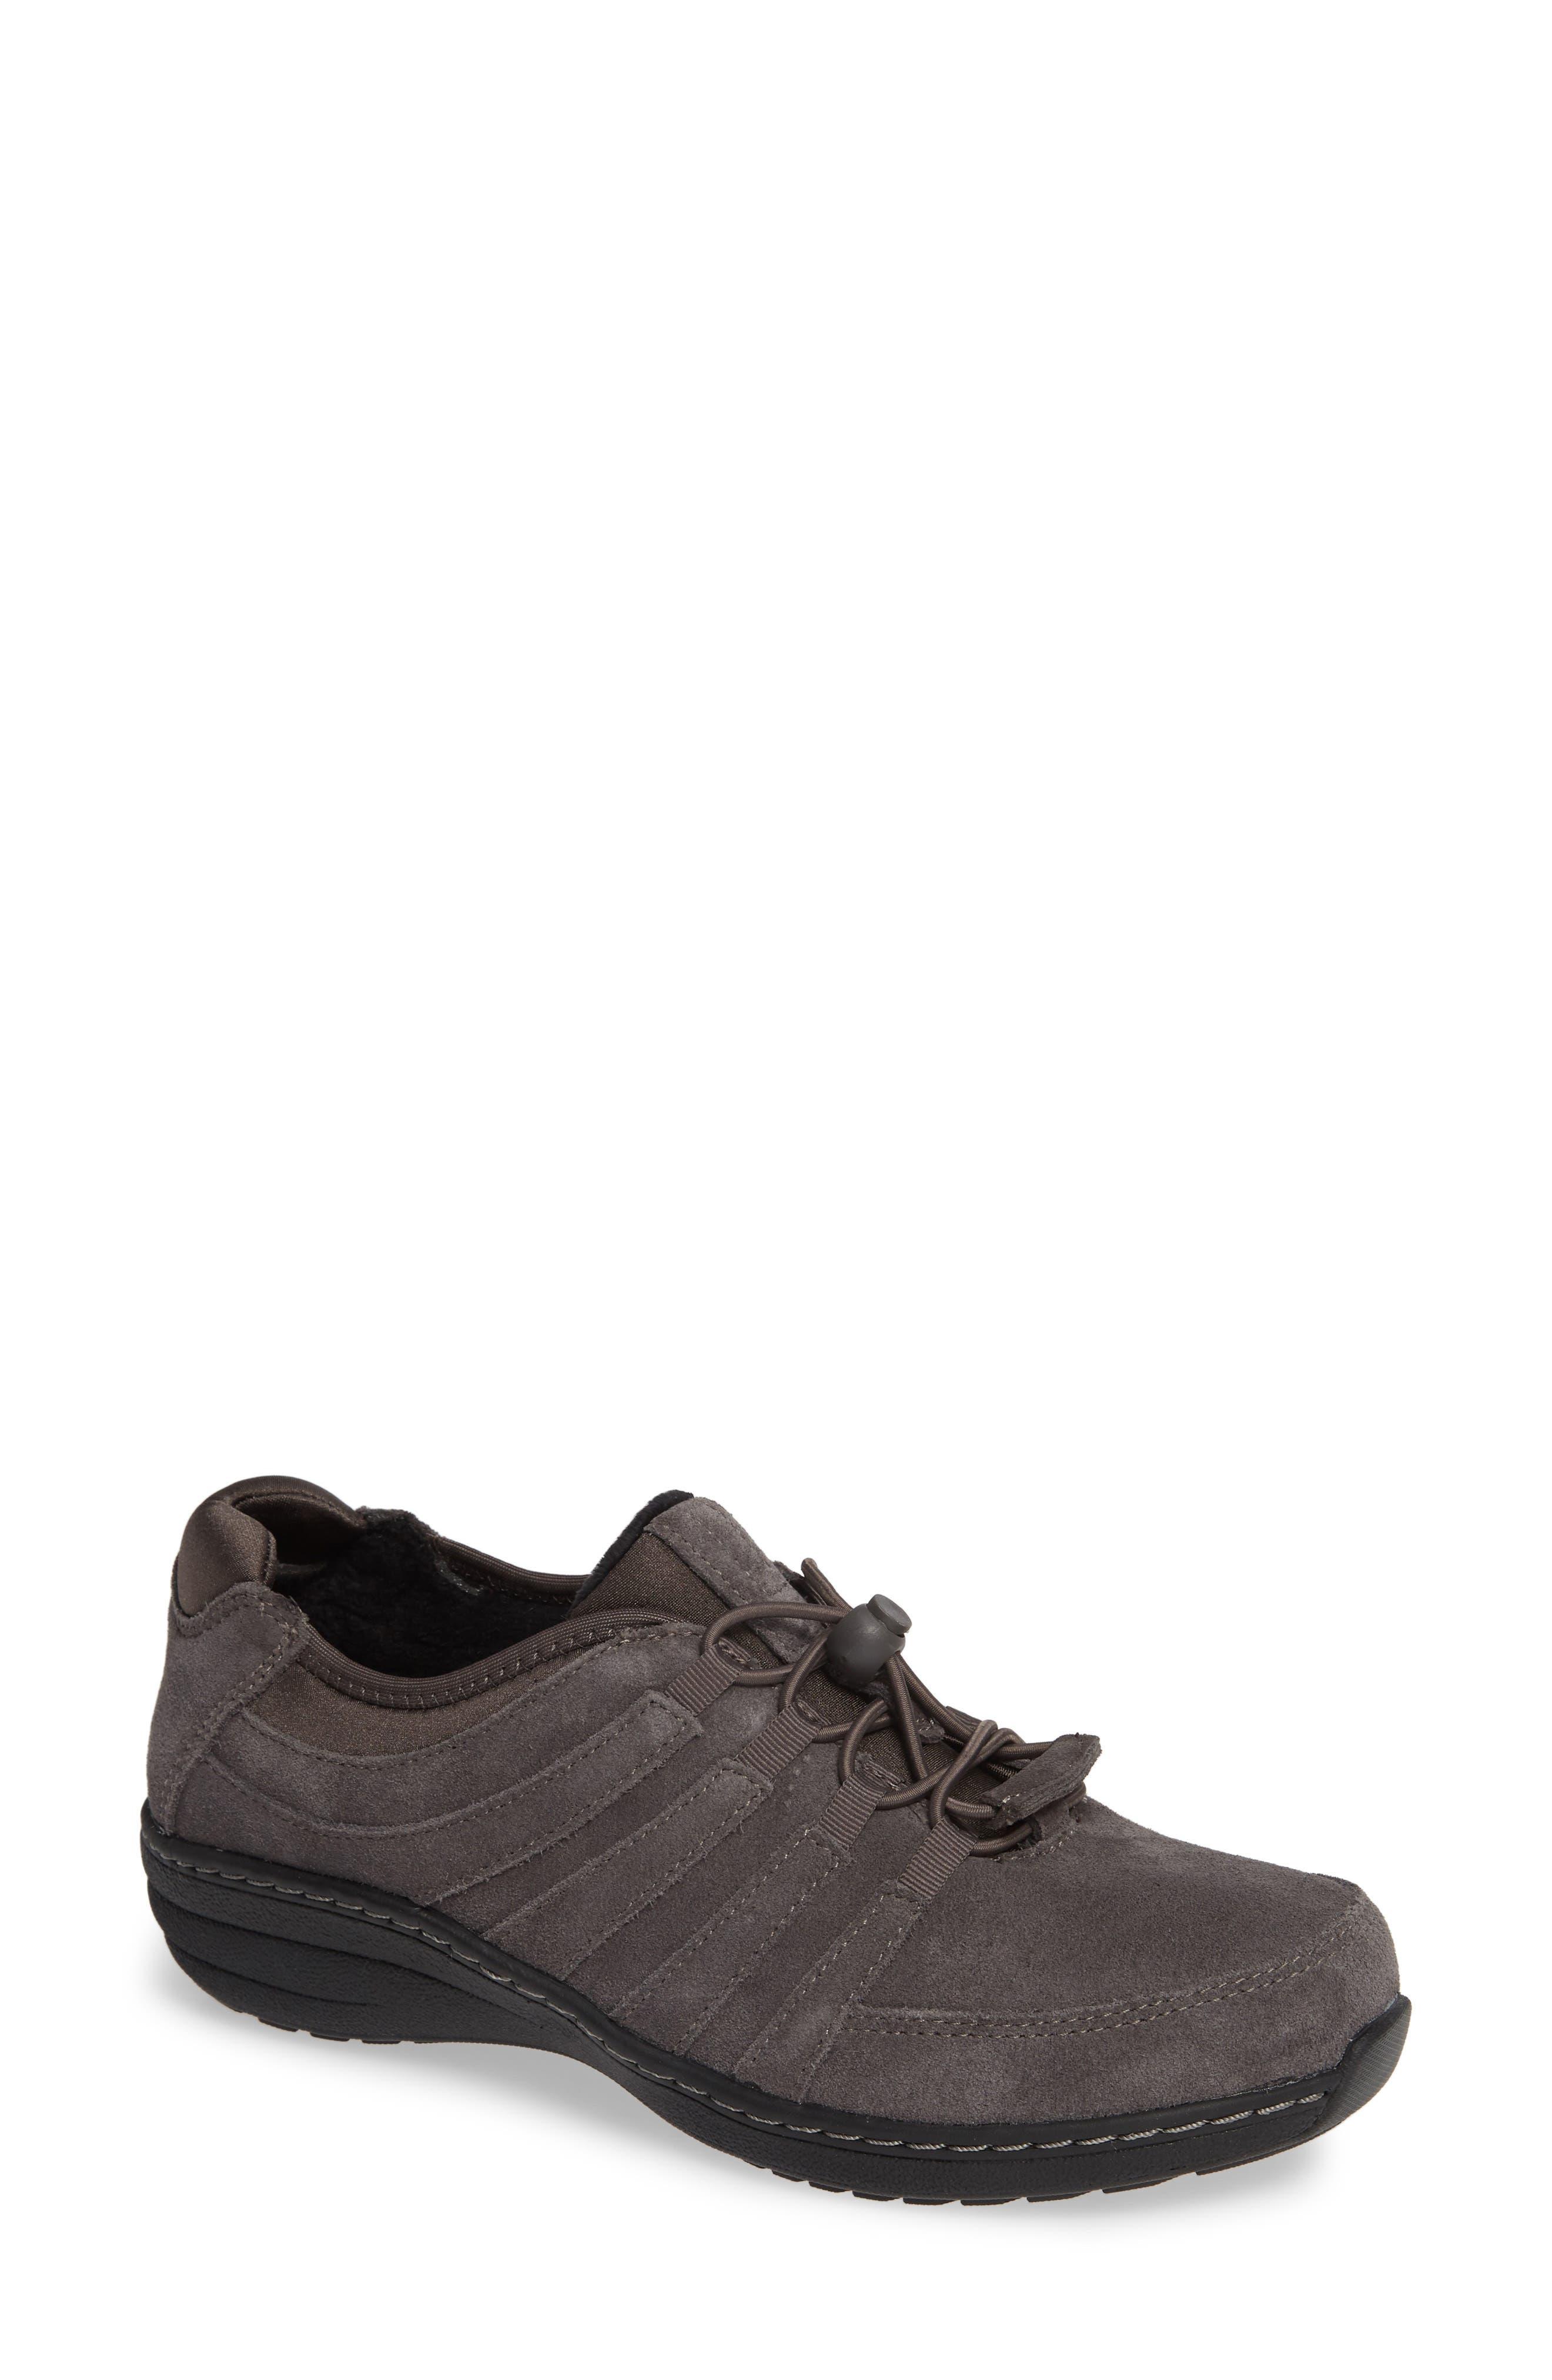 Aetrex Laney Sneaker, Grey